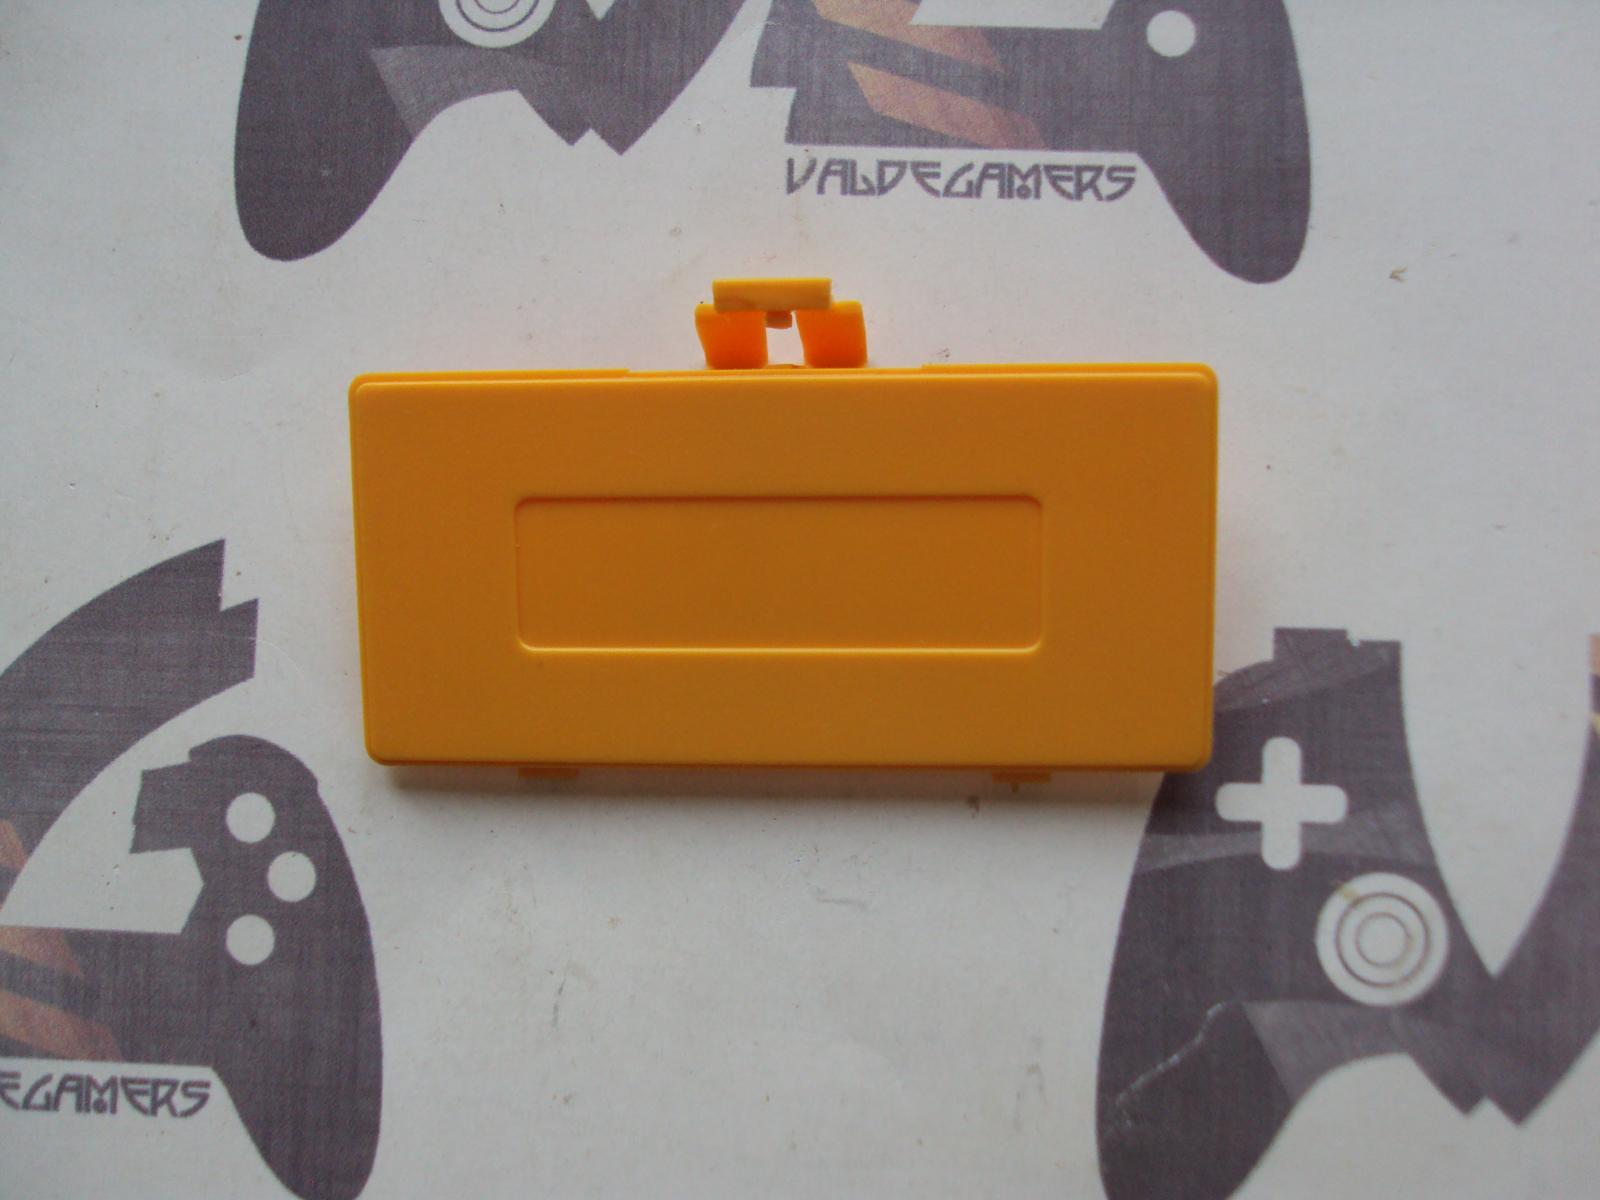 Tapa de pilas game boy pocket amarillo